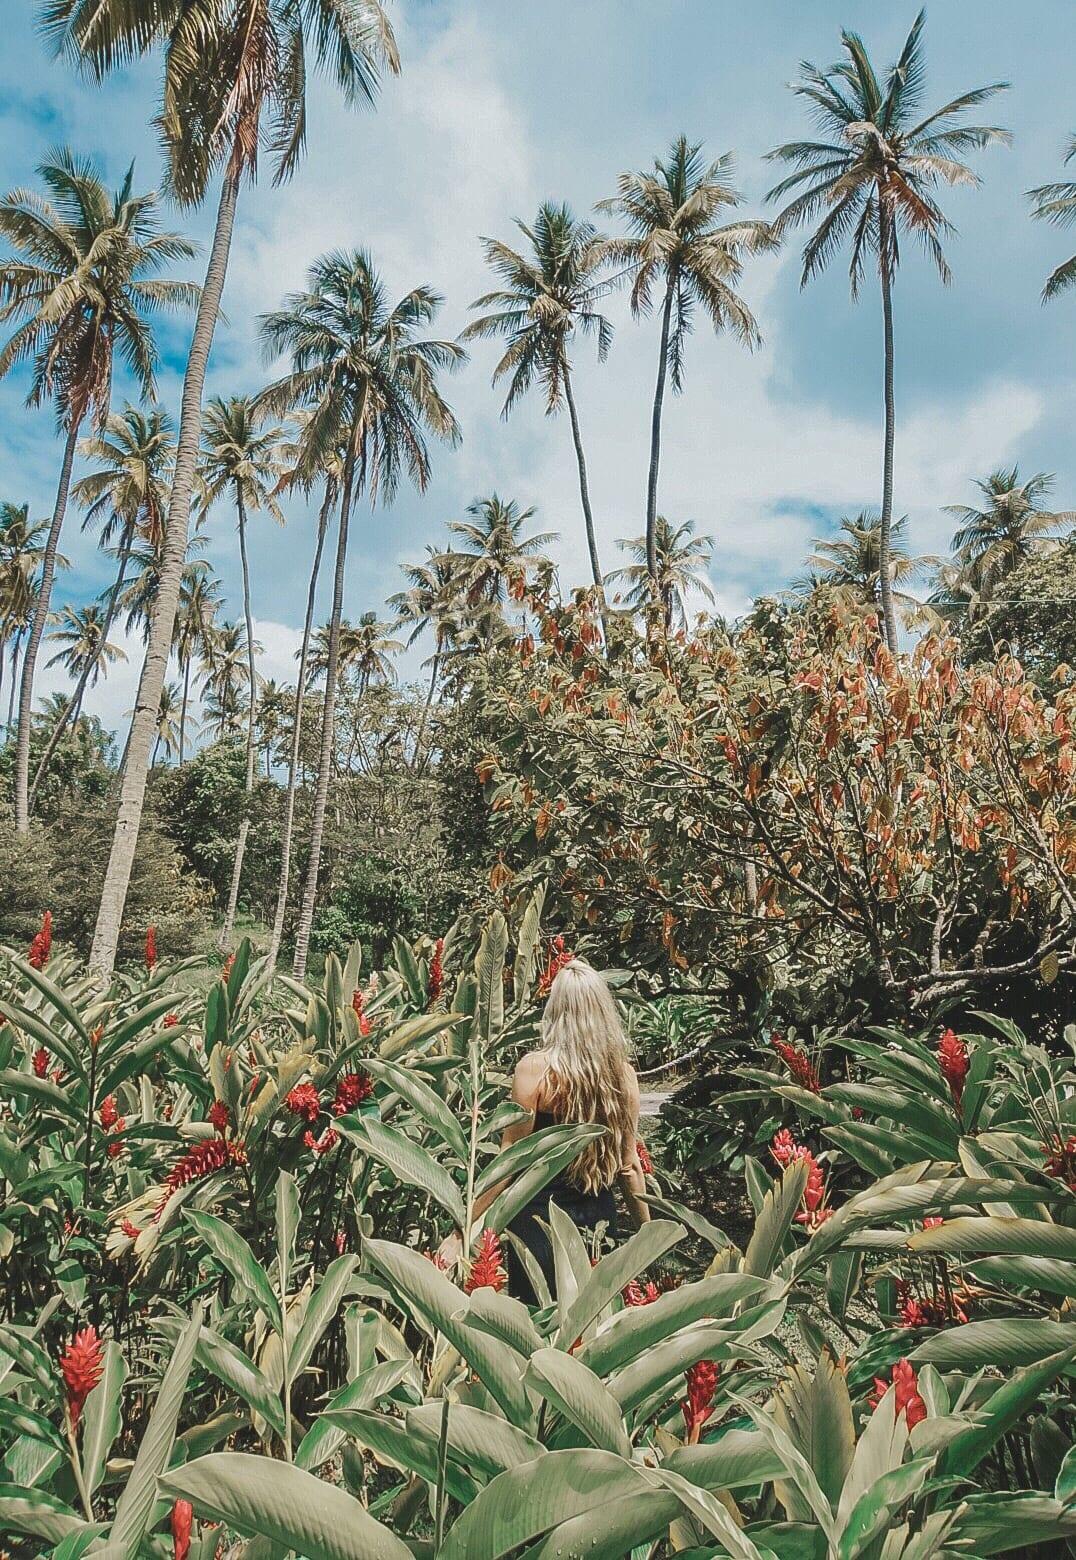 St. Lucia Tours - Cocoa Plantation